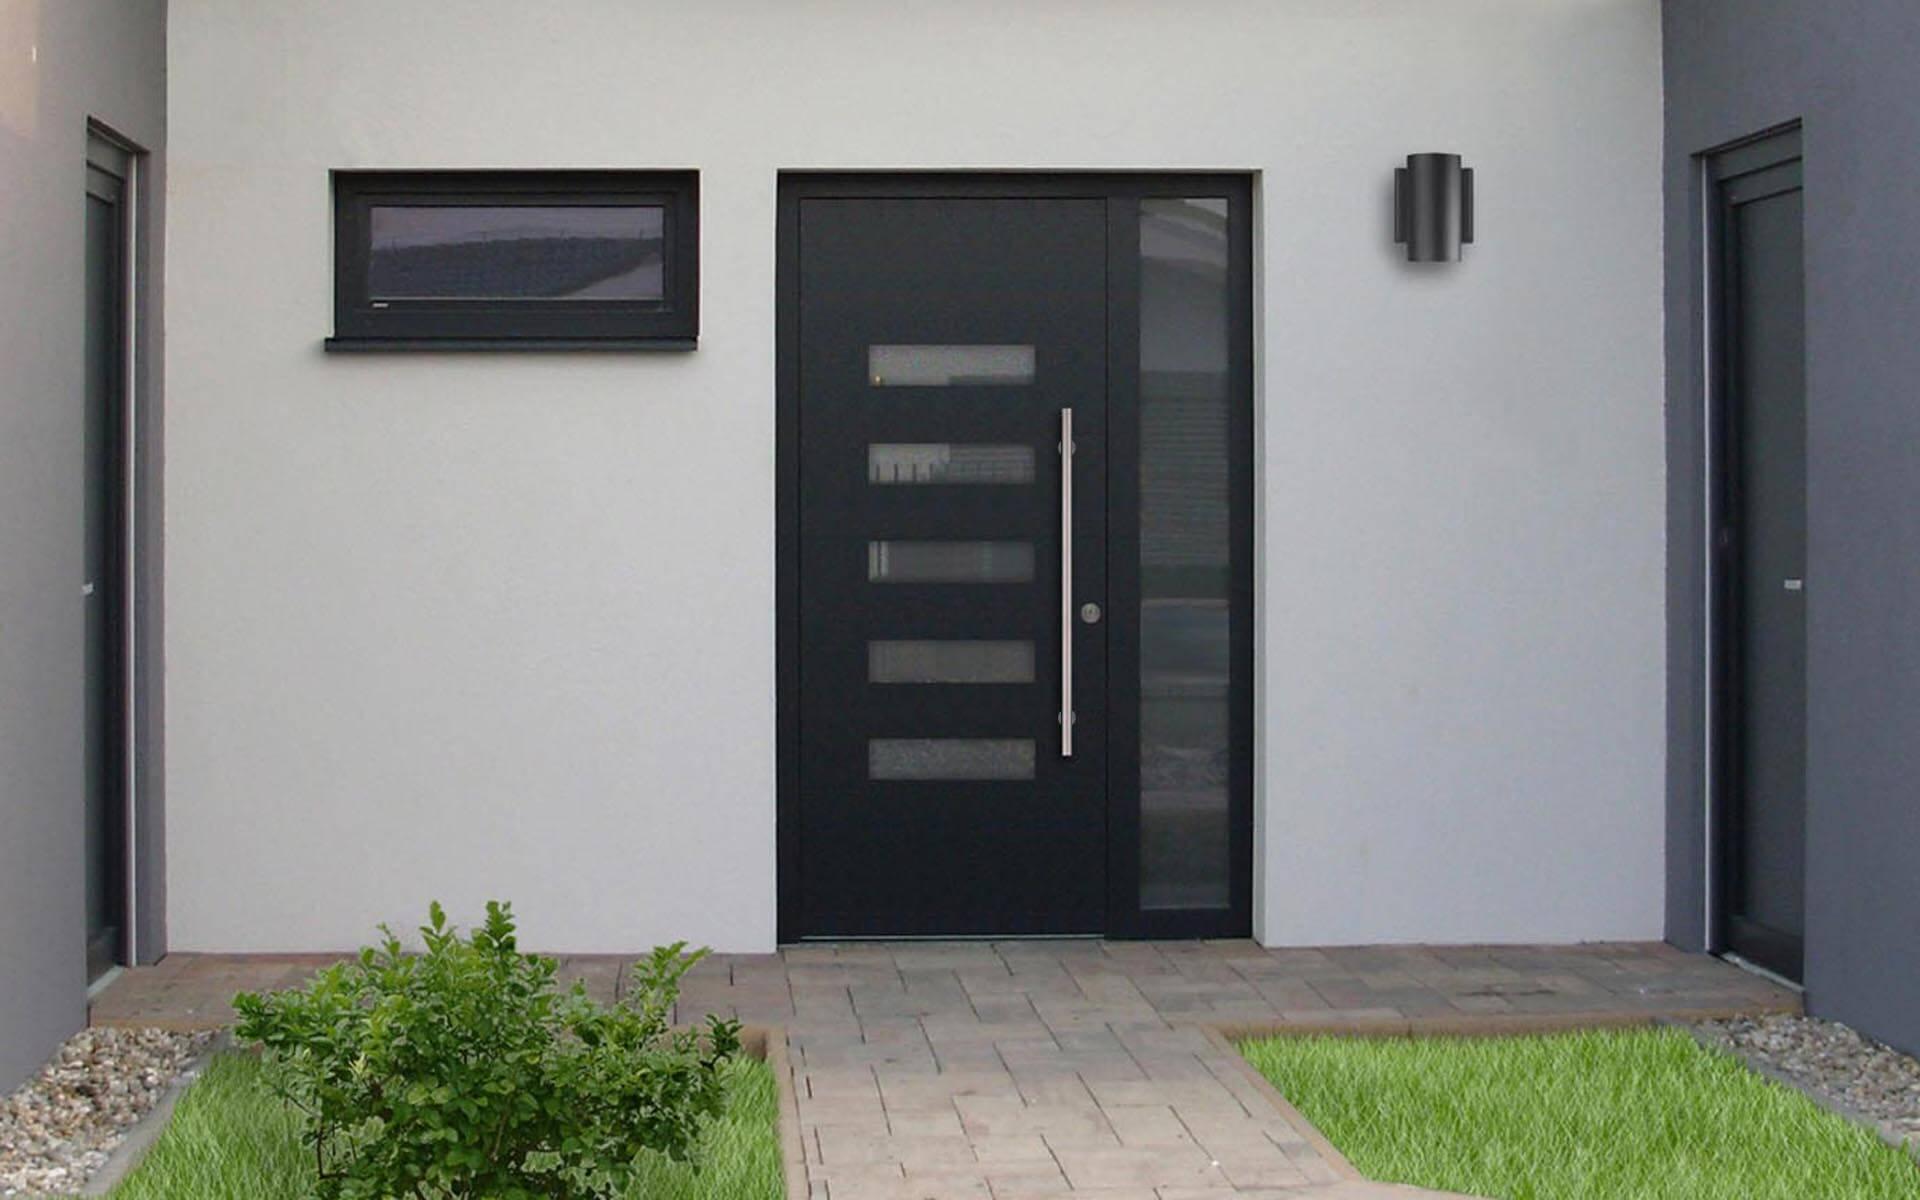 Hliníkové vchodové dvere do domu so svetlíkom v antracitovej farbe RAL 7016